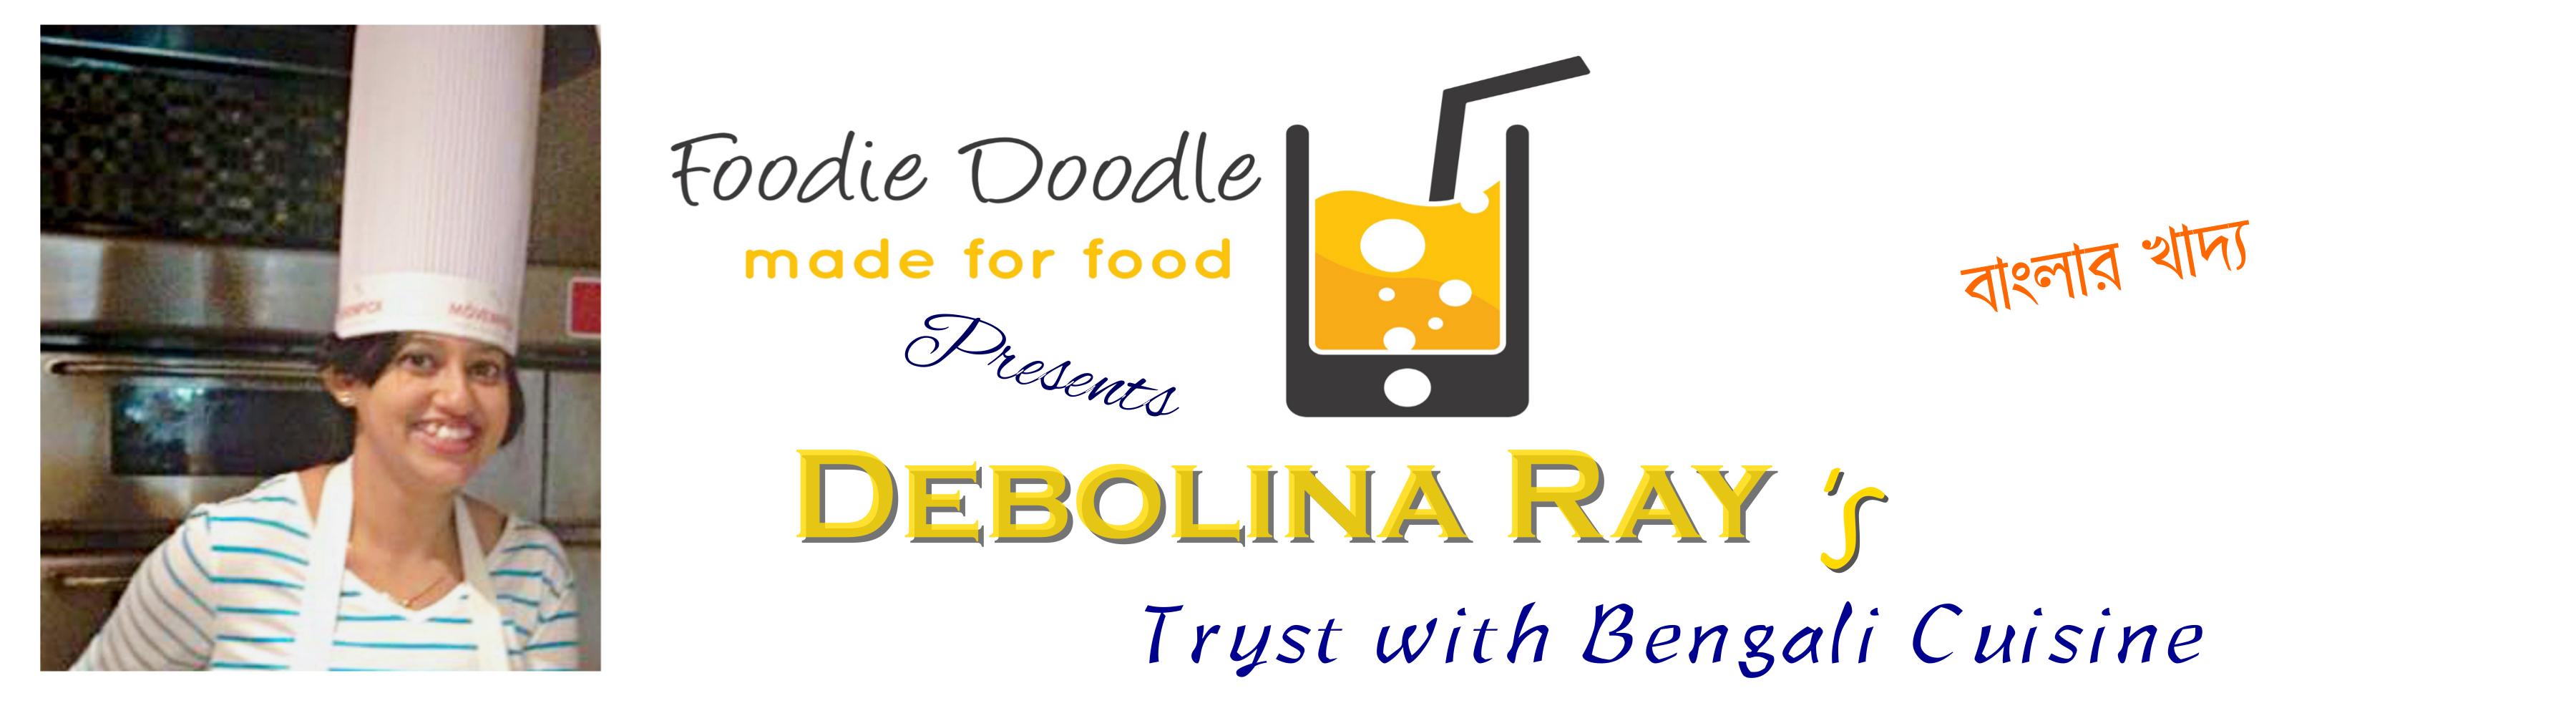 Foodie Doodle - Debos Bong Food